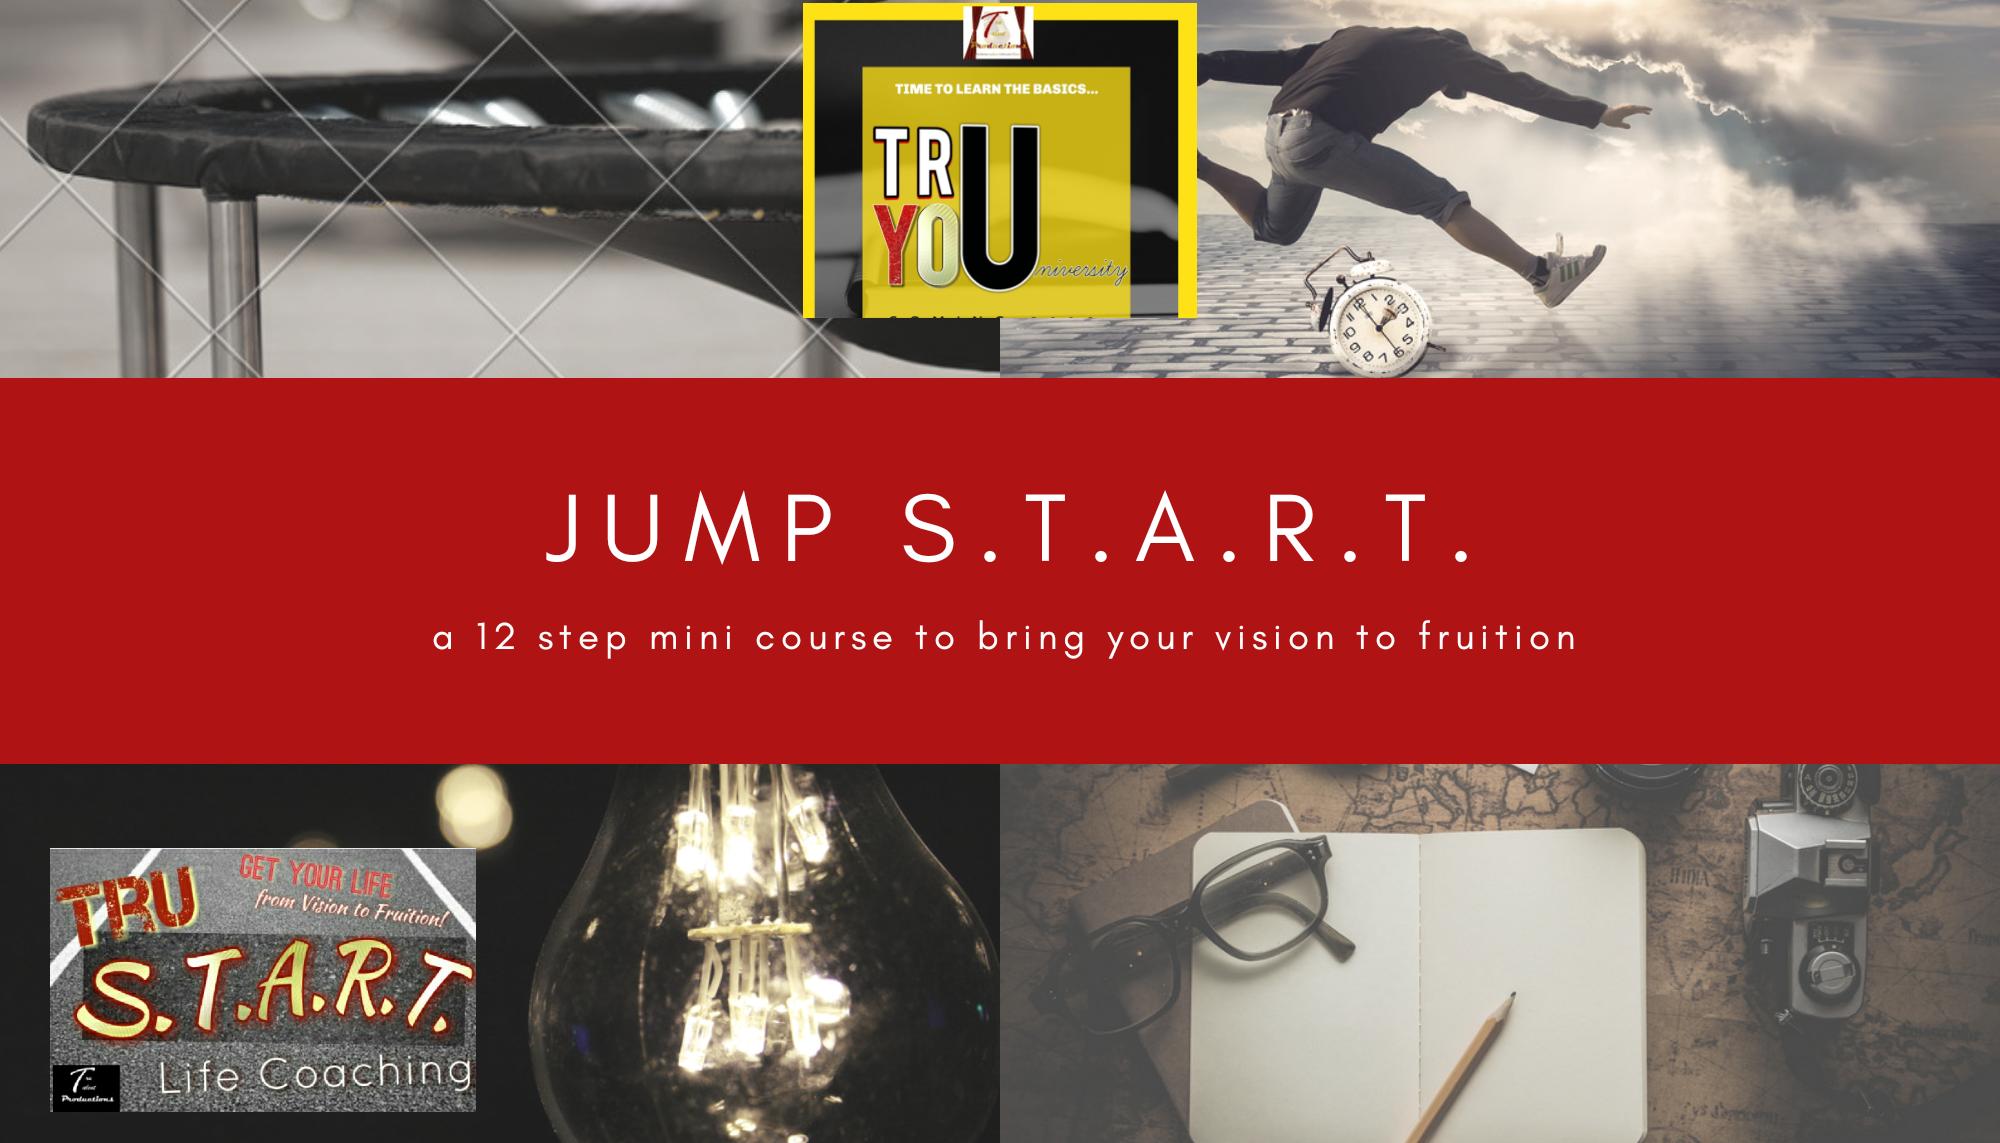 Jump S.T.A.R.T.